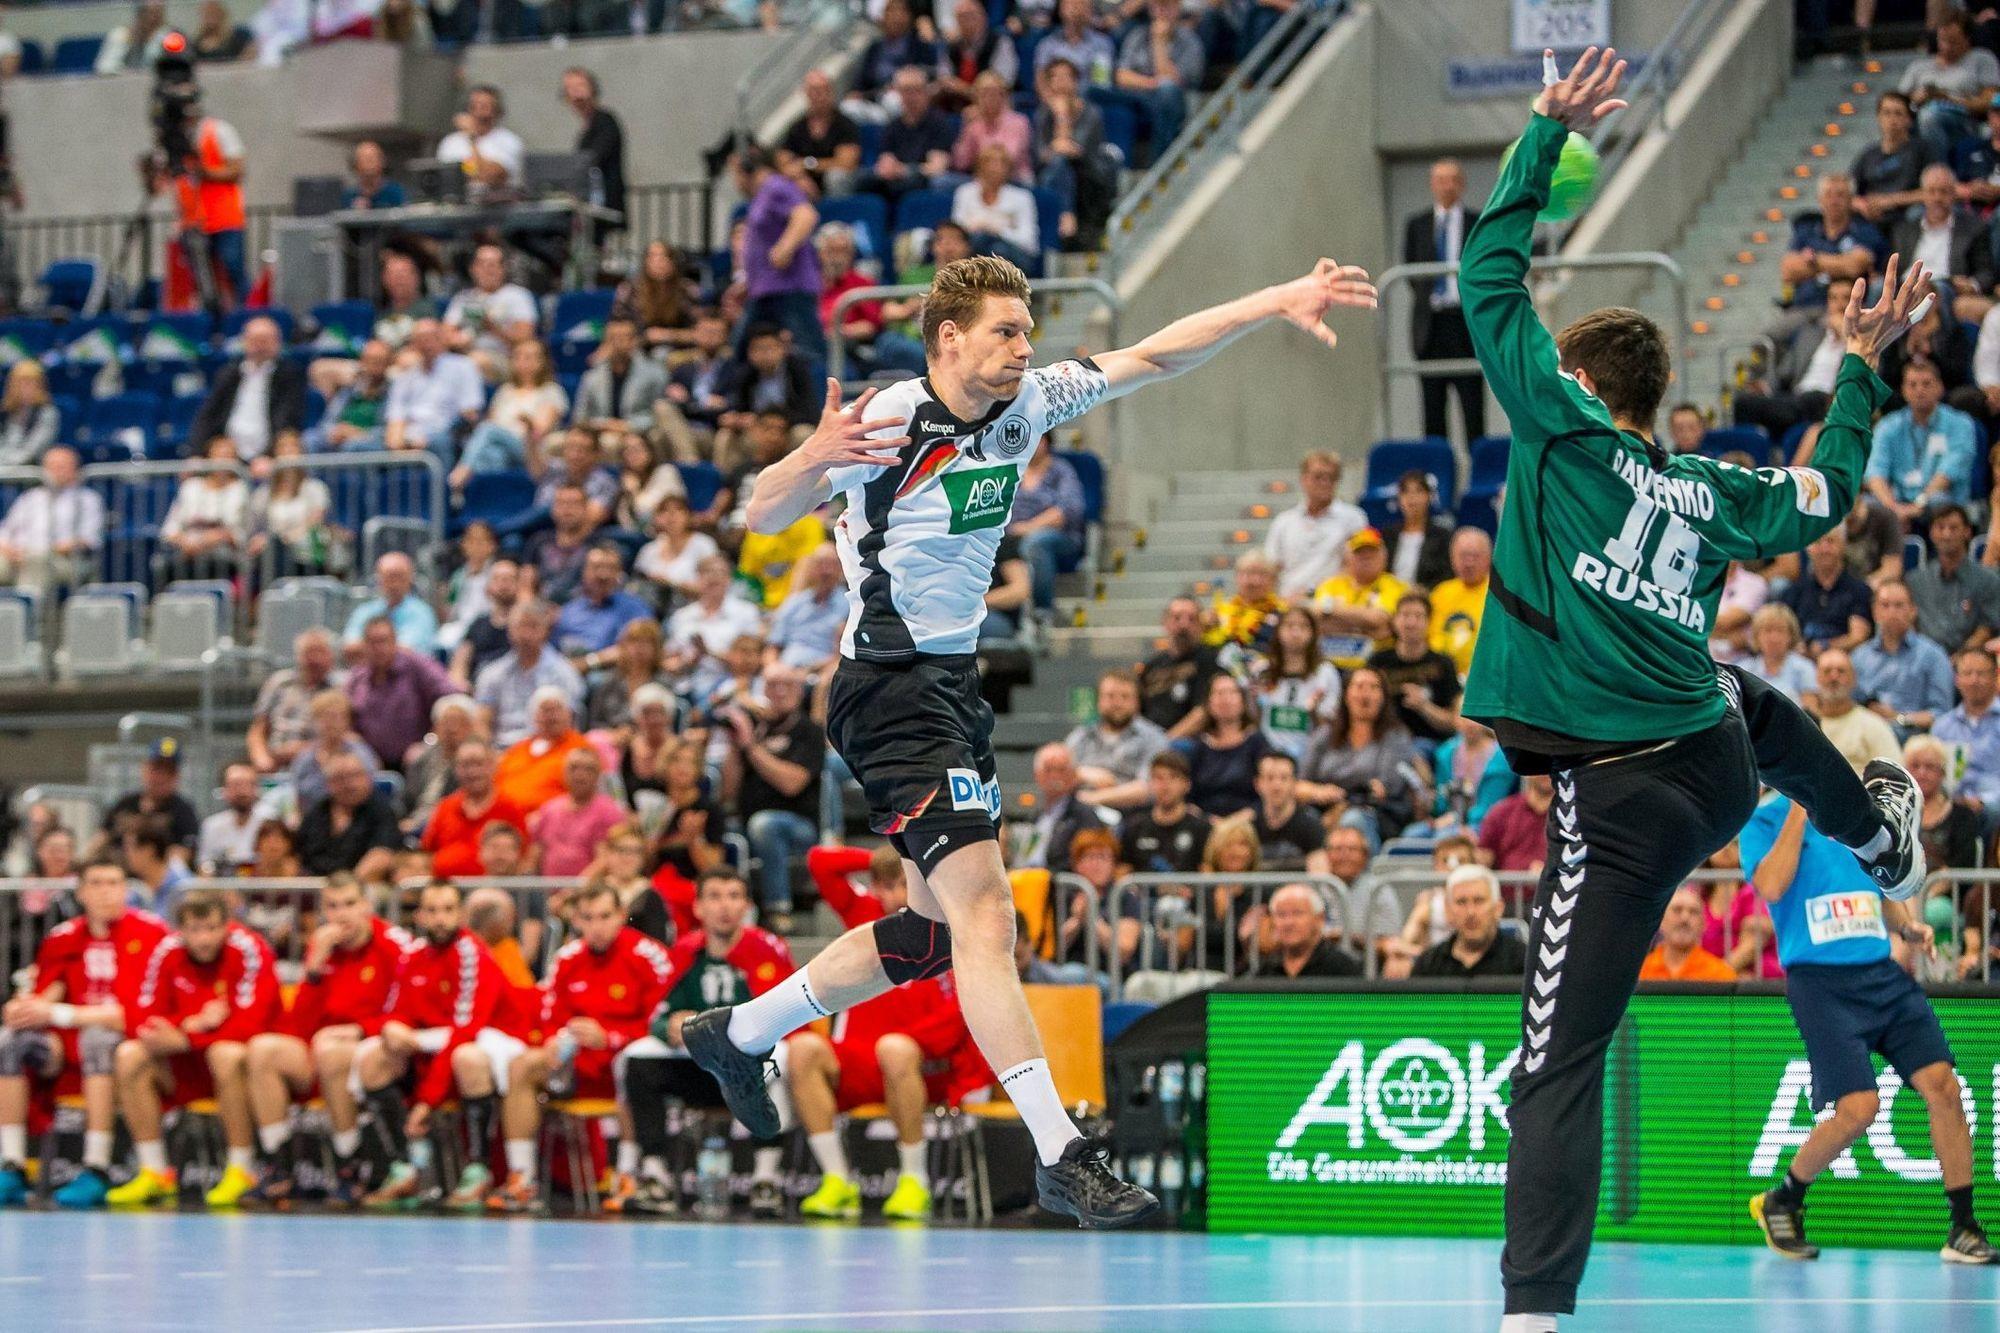 deutschland russland handball